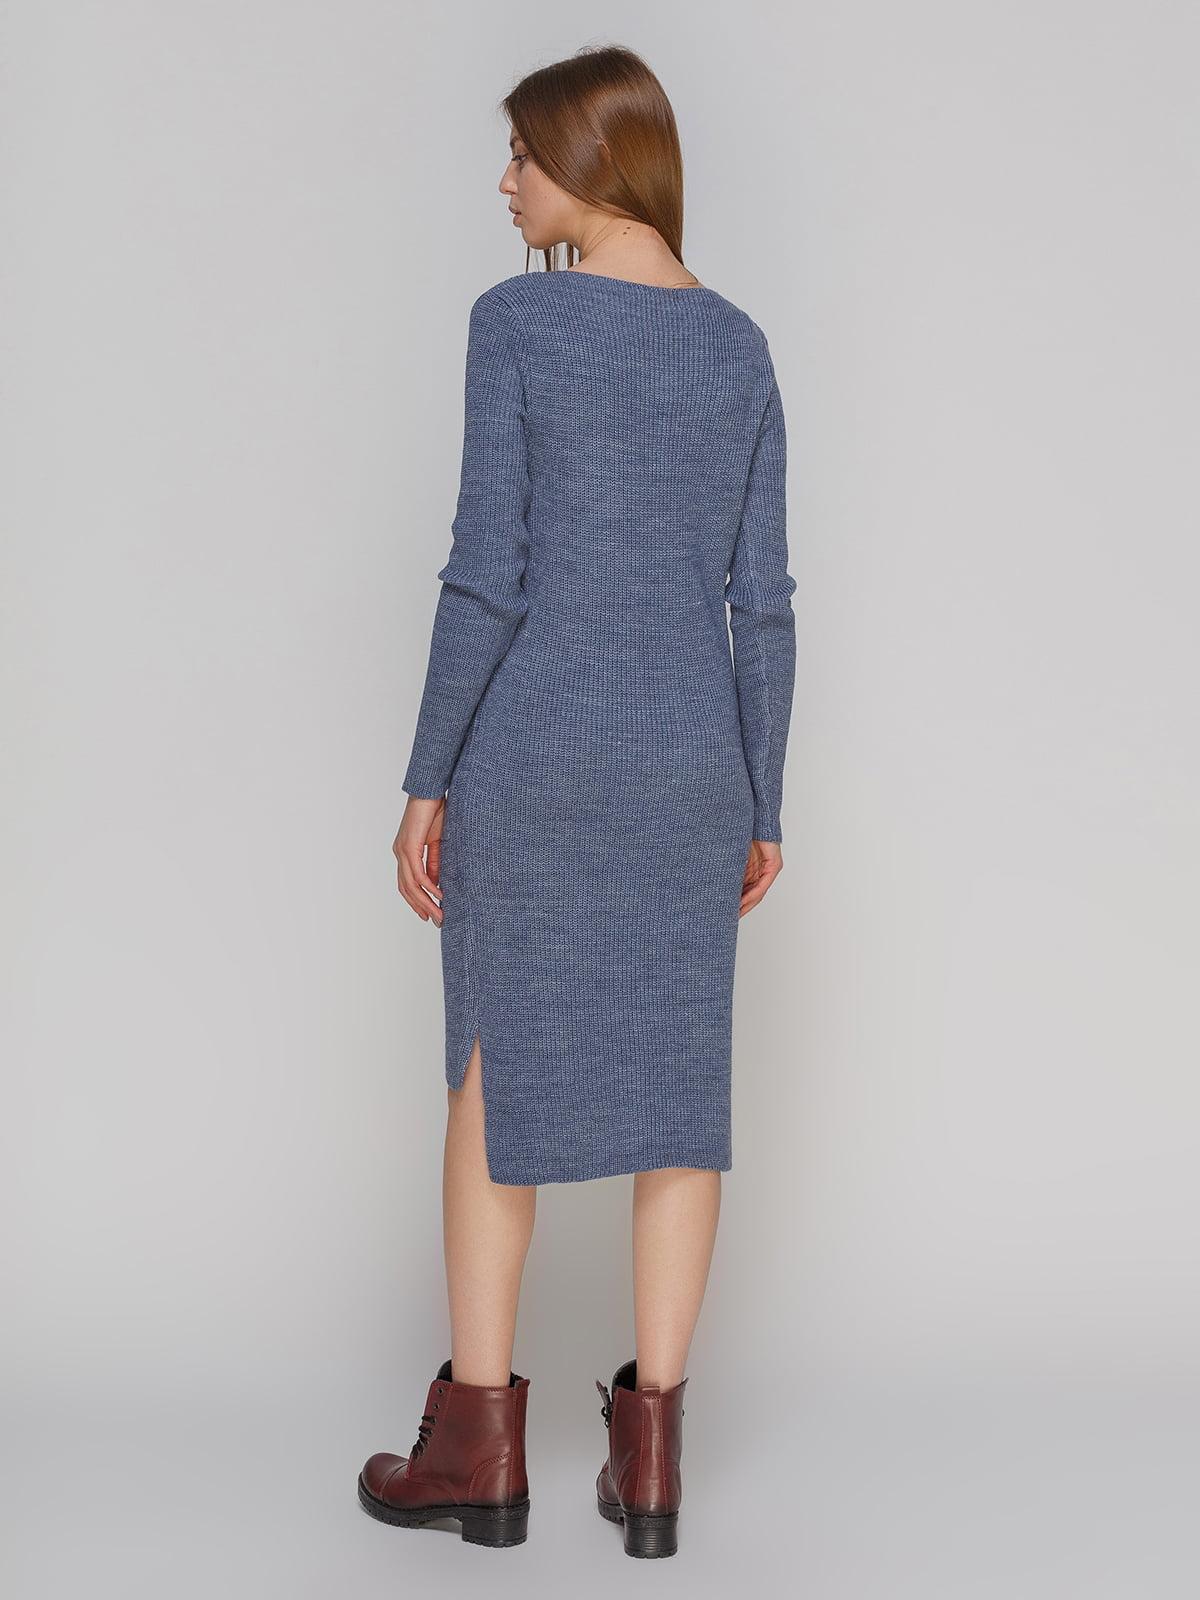 Сукня синя   4654295   фото 2